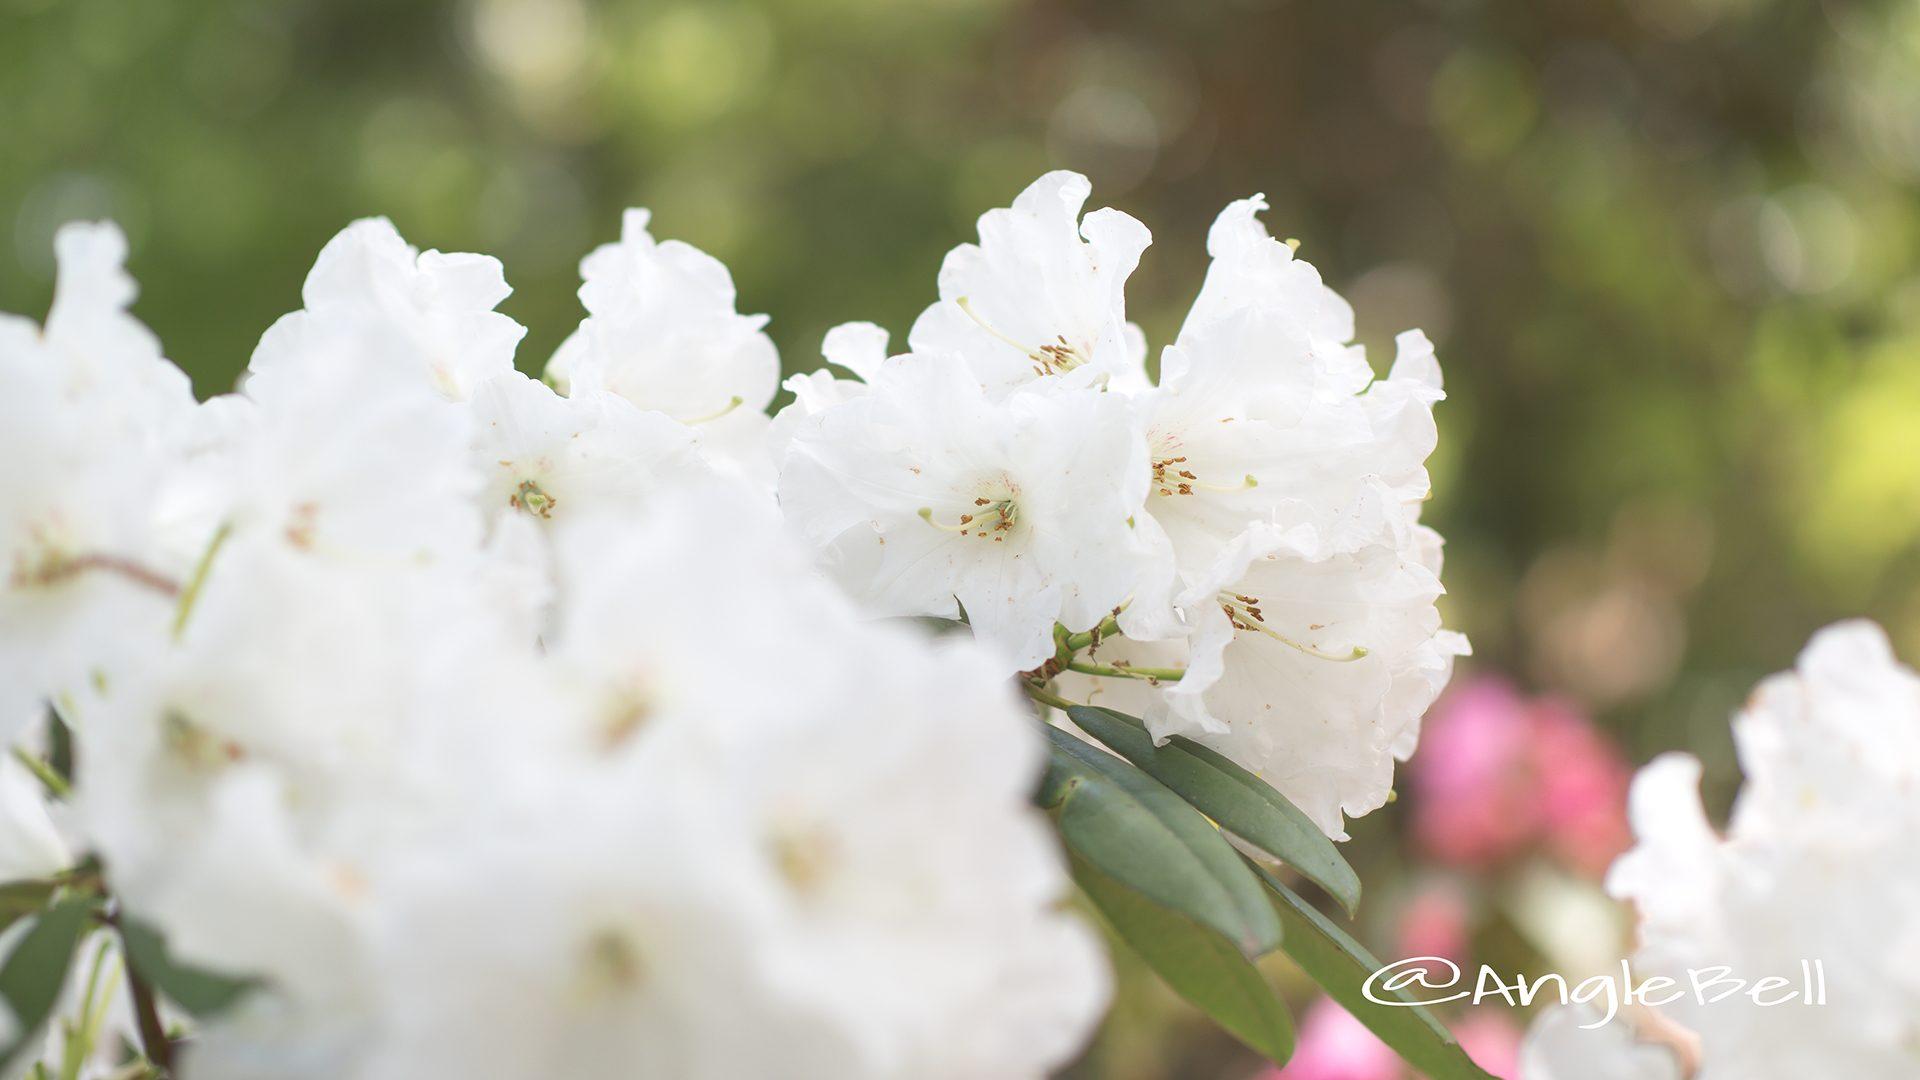 ヒラノシロ 平野白 (石楠花)